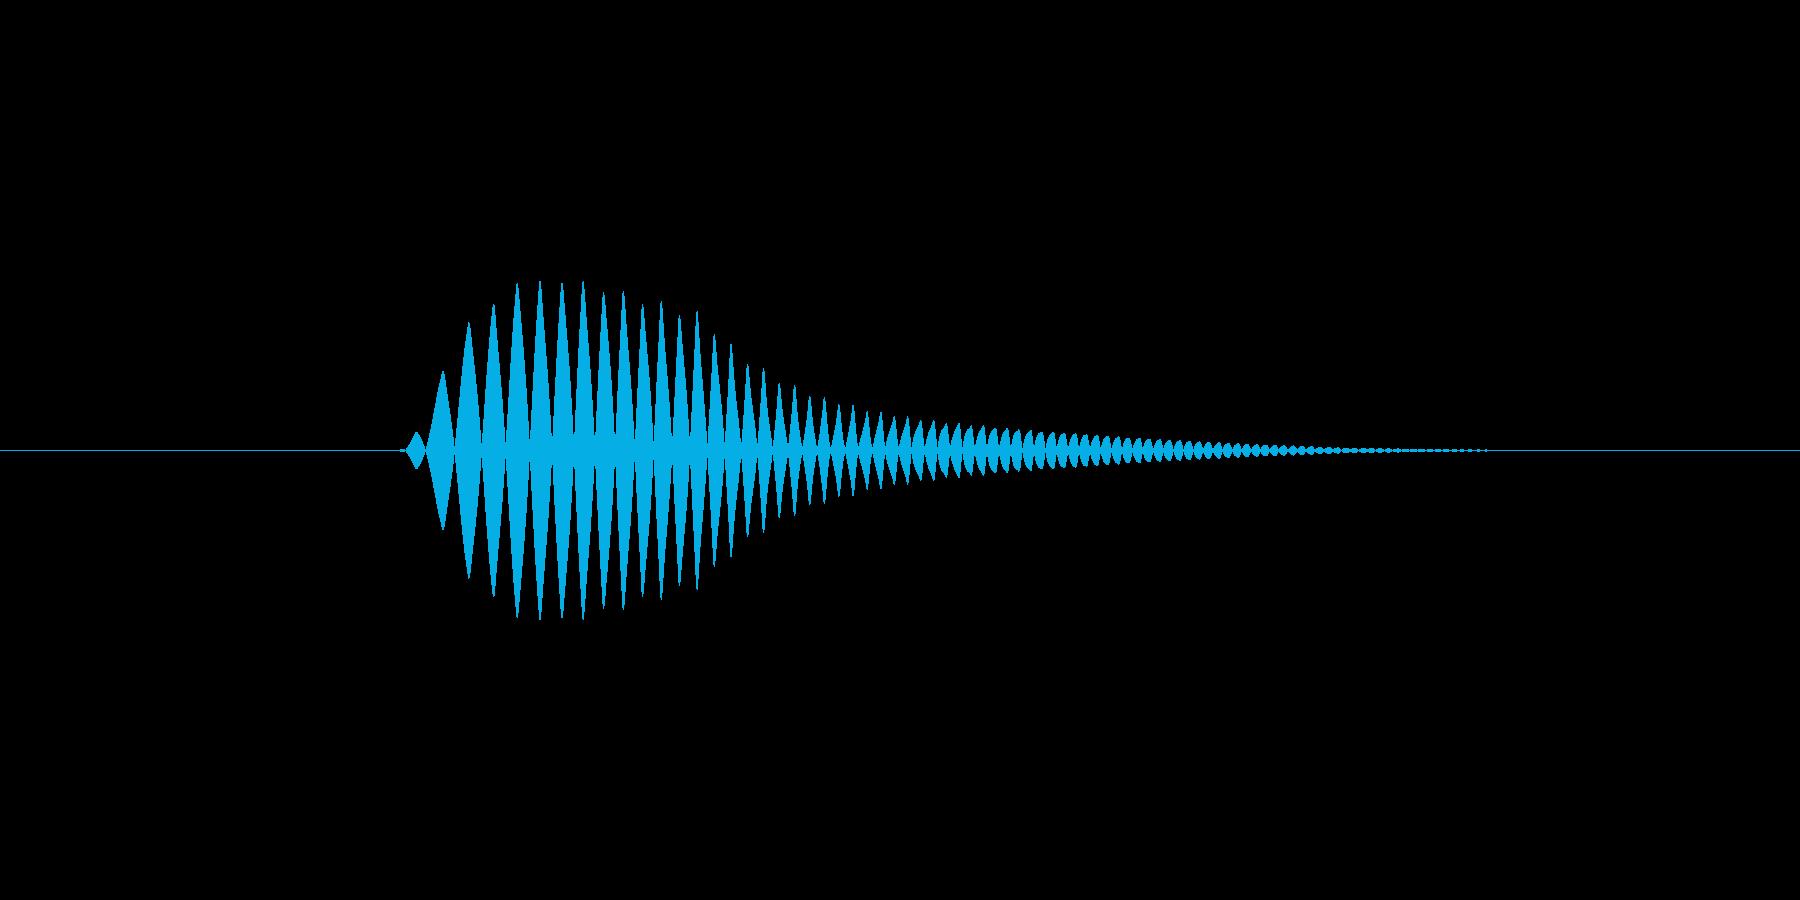 【足音】コミカル 丸みのある非現実系 左の再生済みの波形